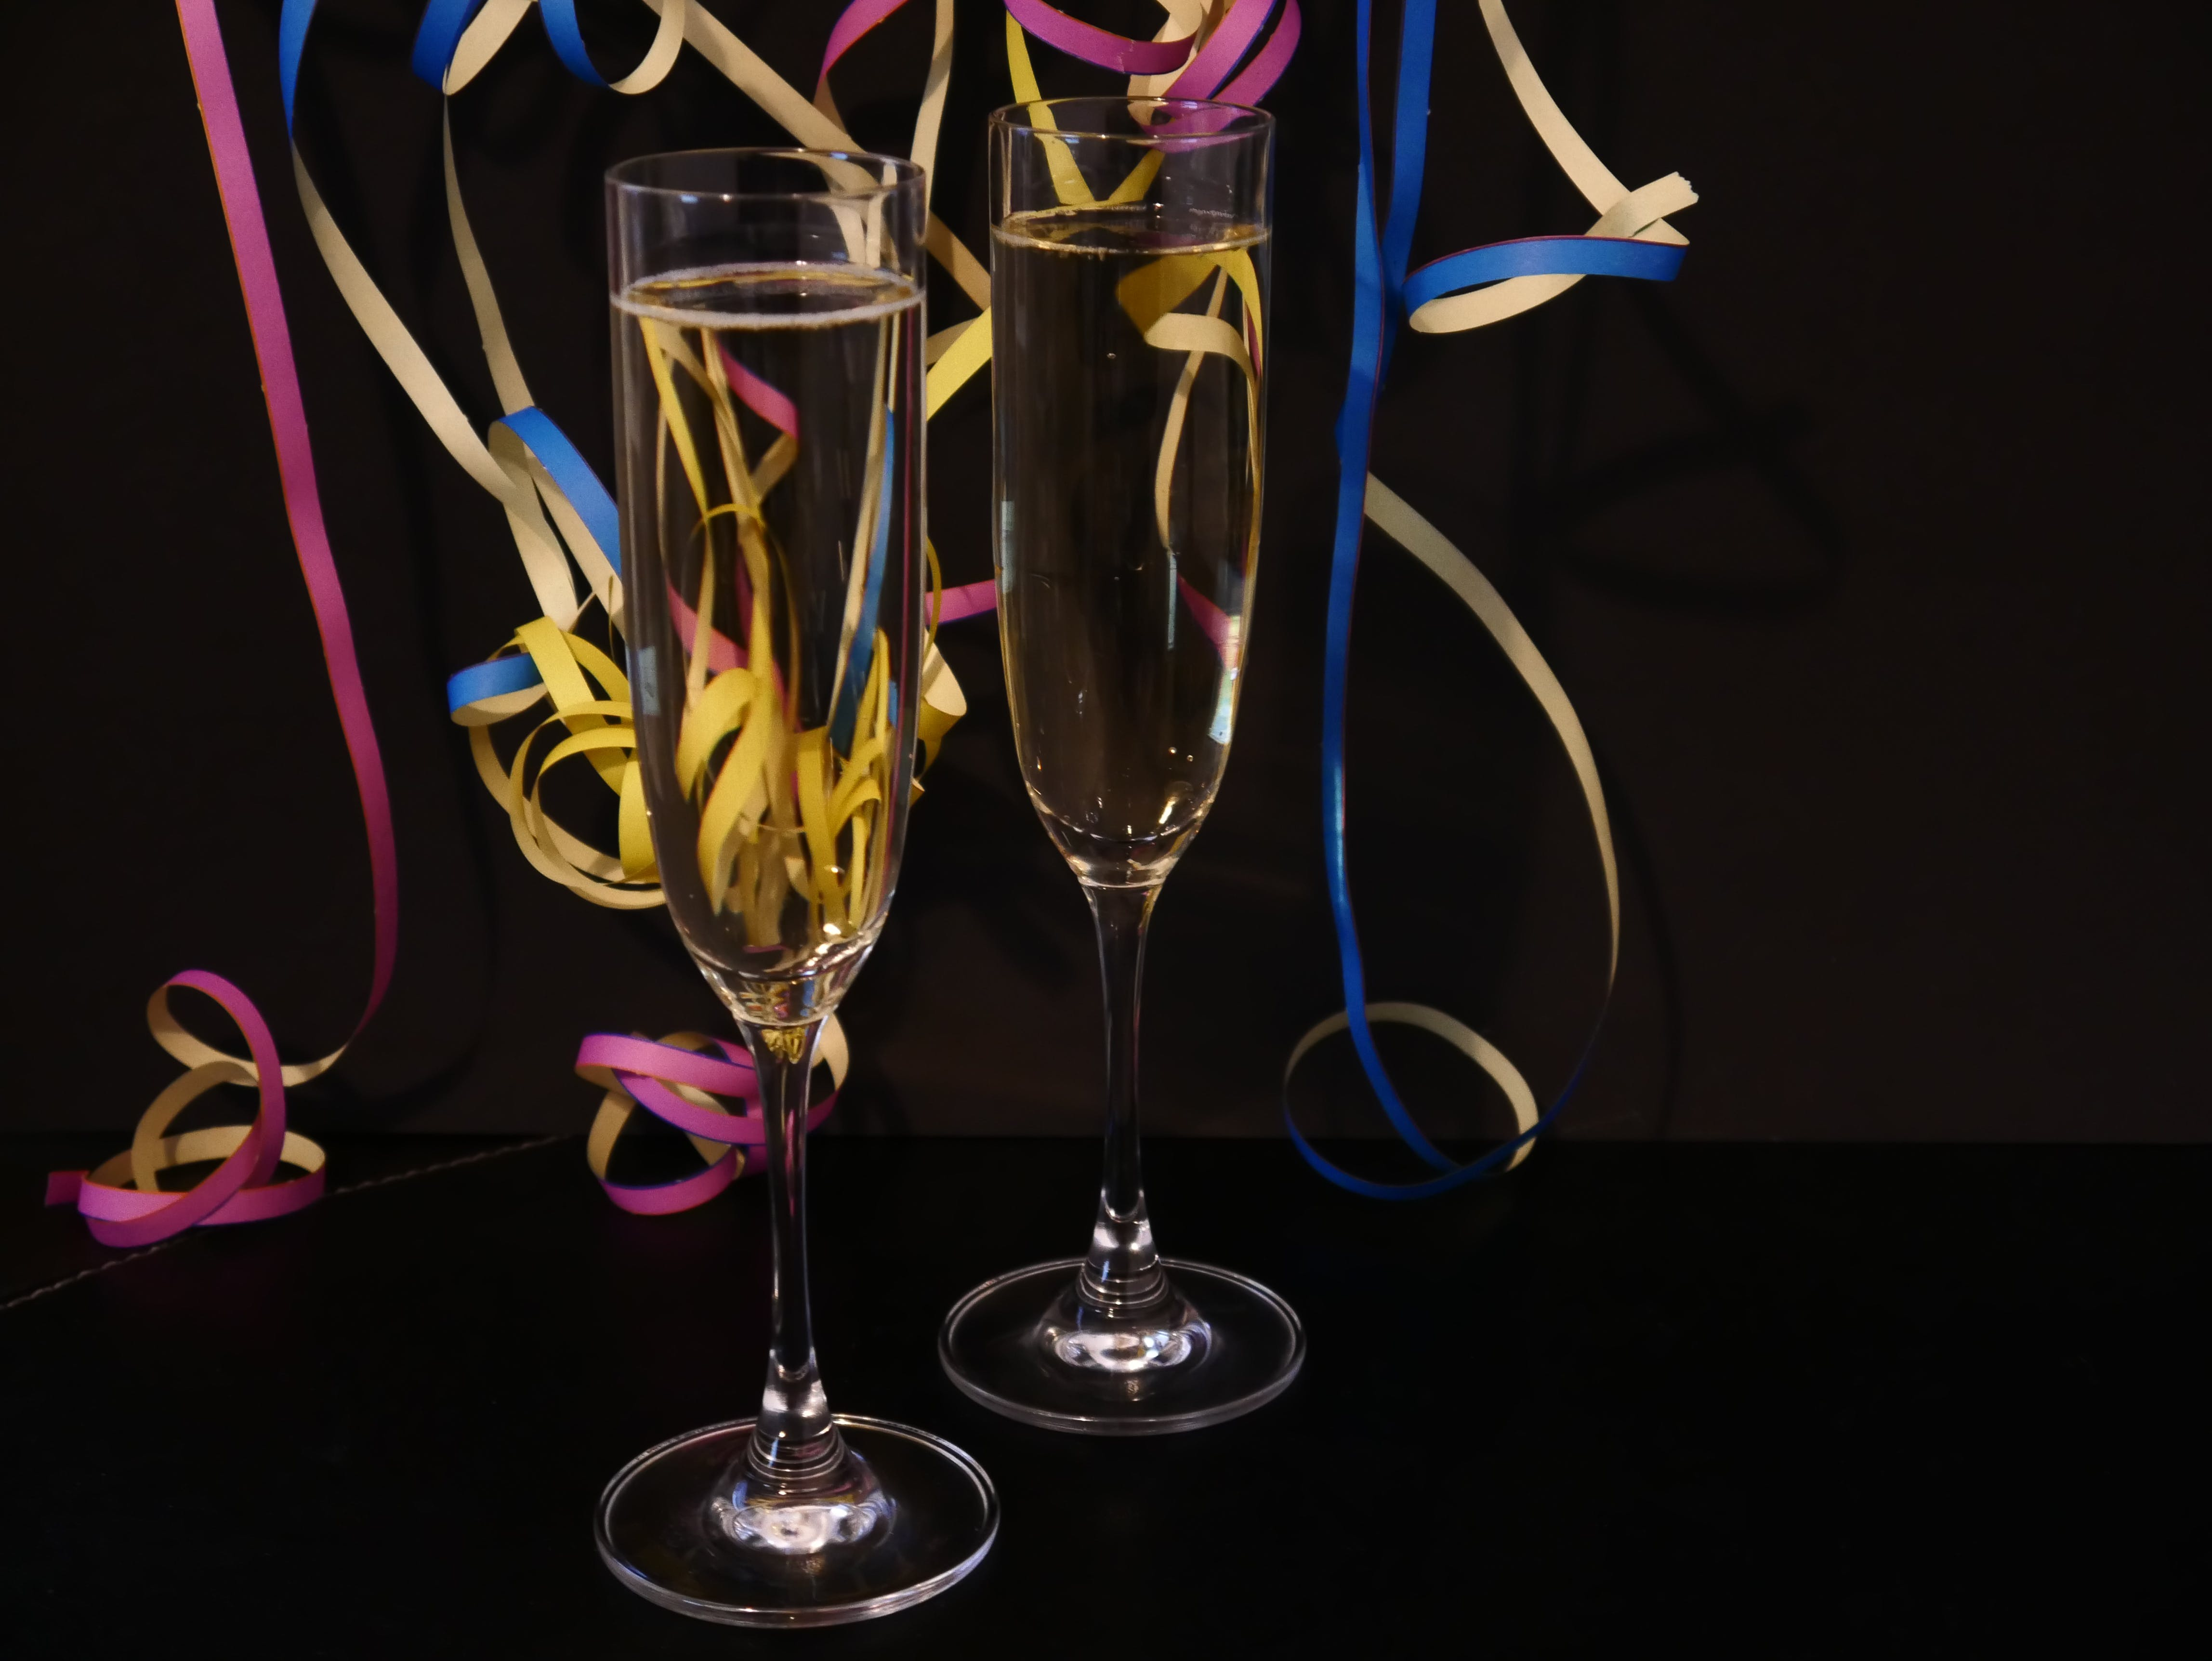 Kostenloses Stock Foto zu feiern, neujahr, sekt, sektgläser